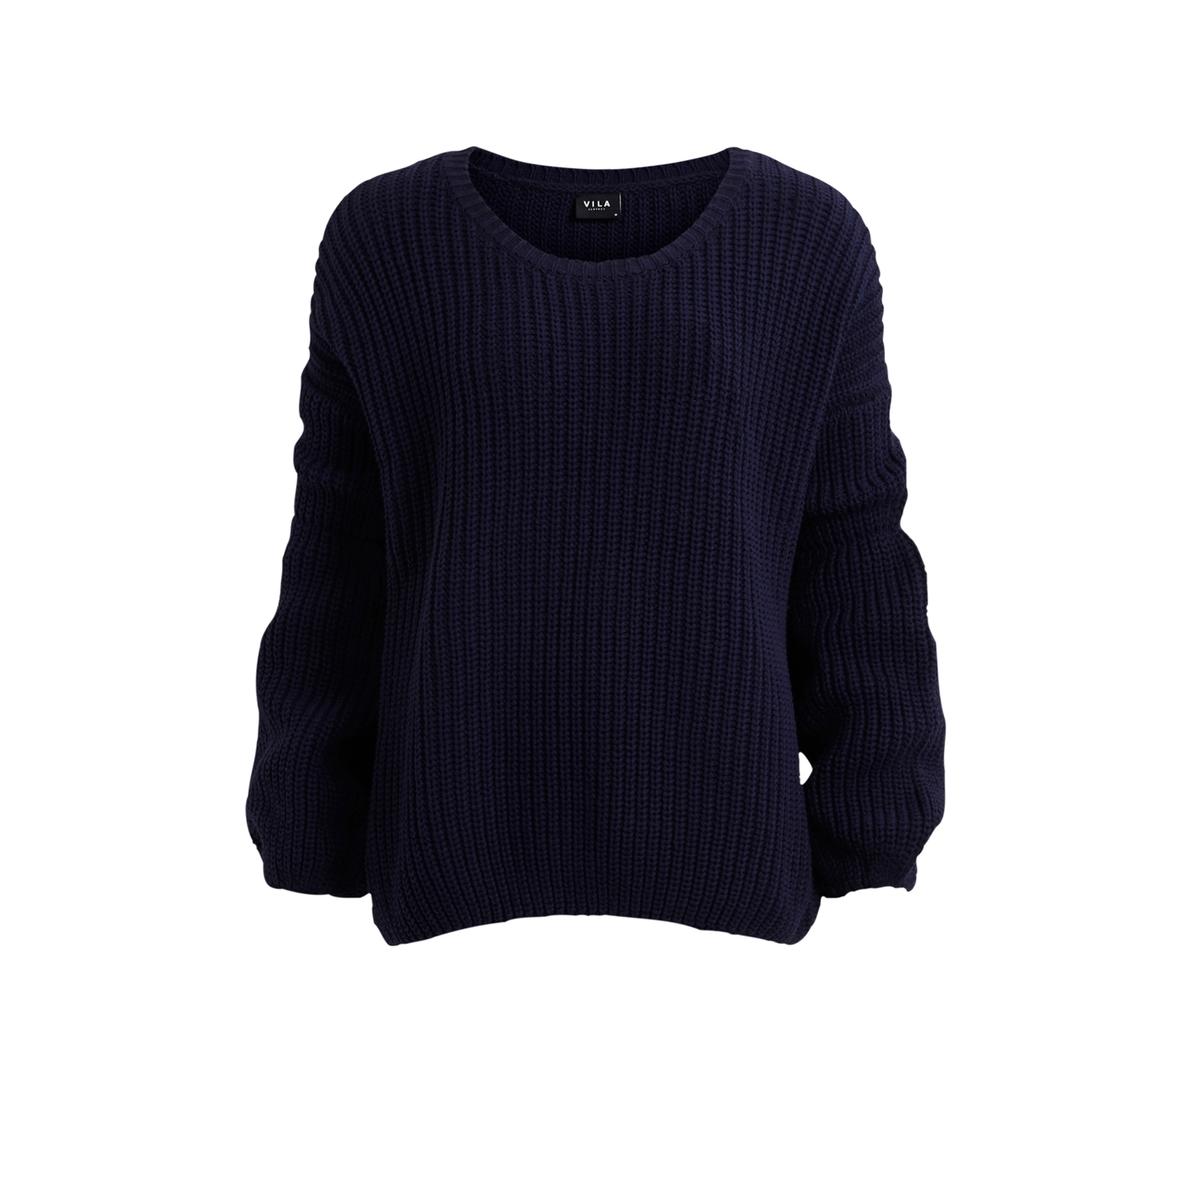 Пуловер с длинными рукавамиСостав и описание: Материал: 60% хлопка, 40% акрила.Марка: Vila.Длинные рукава.Круглый вырез.<br><br>Цвет: темно-синий<br>Размер: M